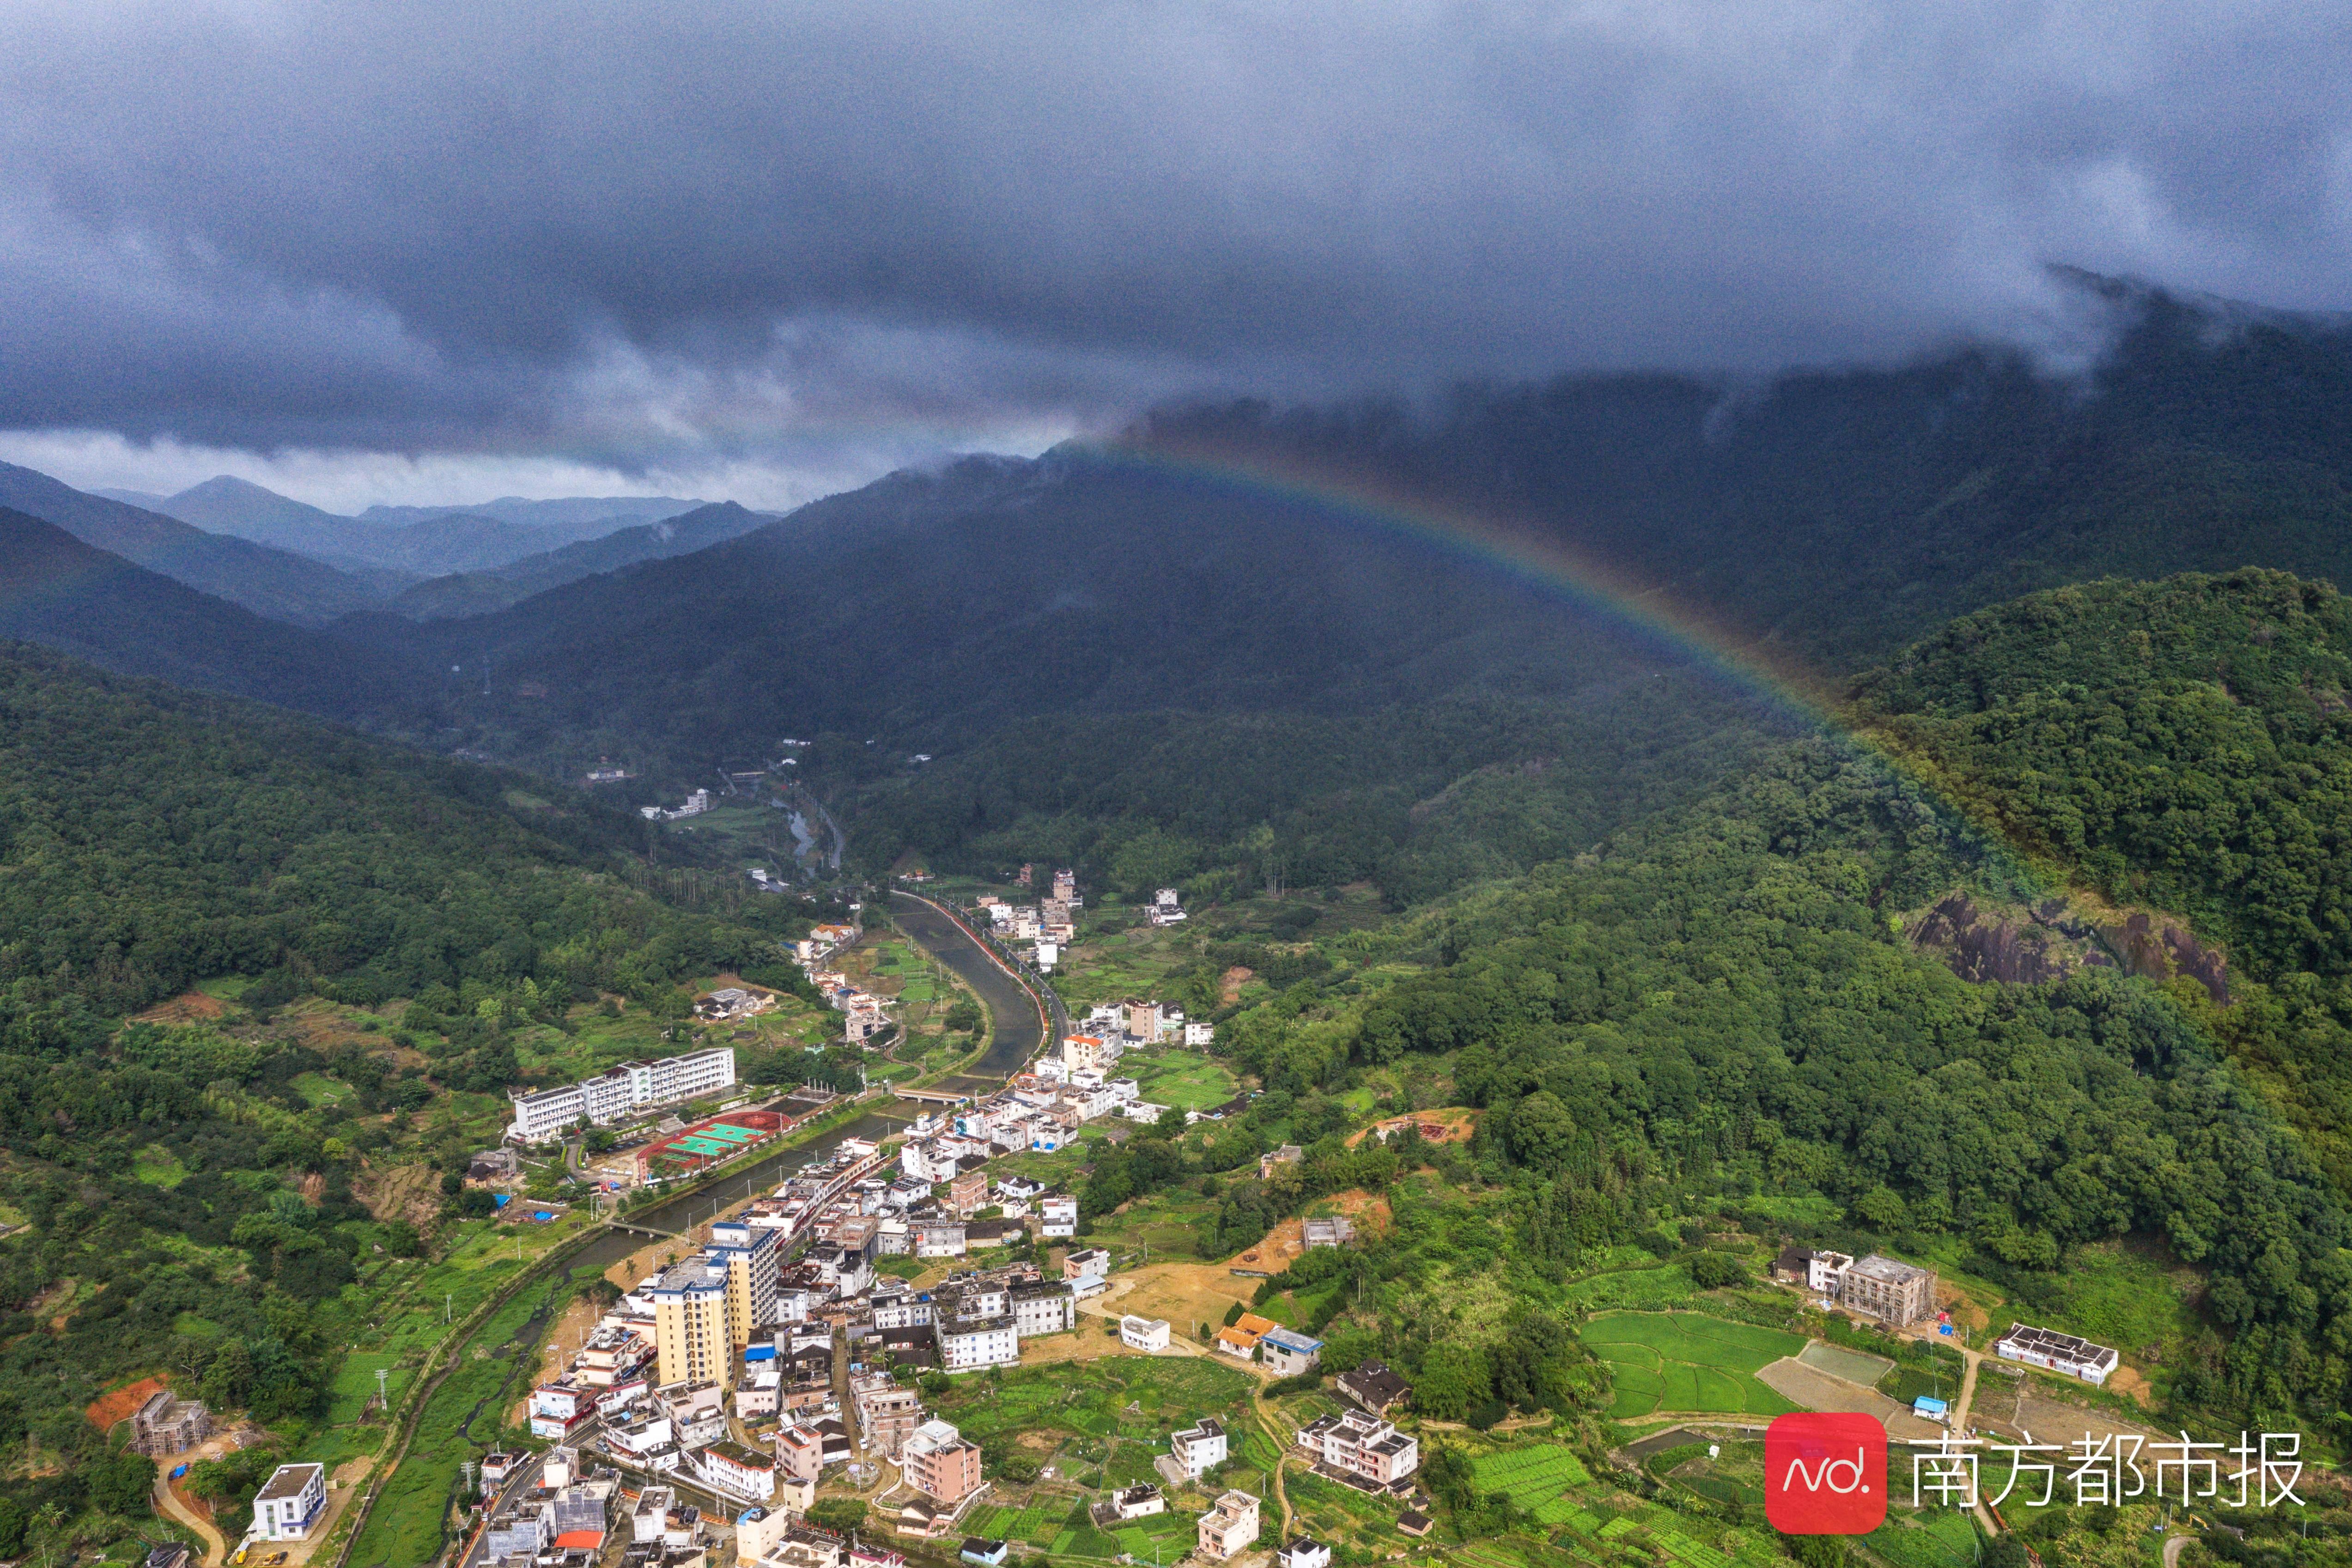 陆河雨后见彩虹,天气预报明天以